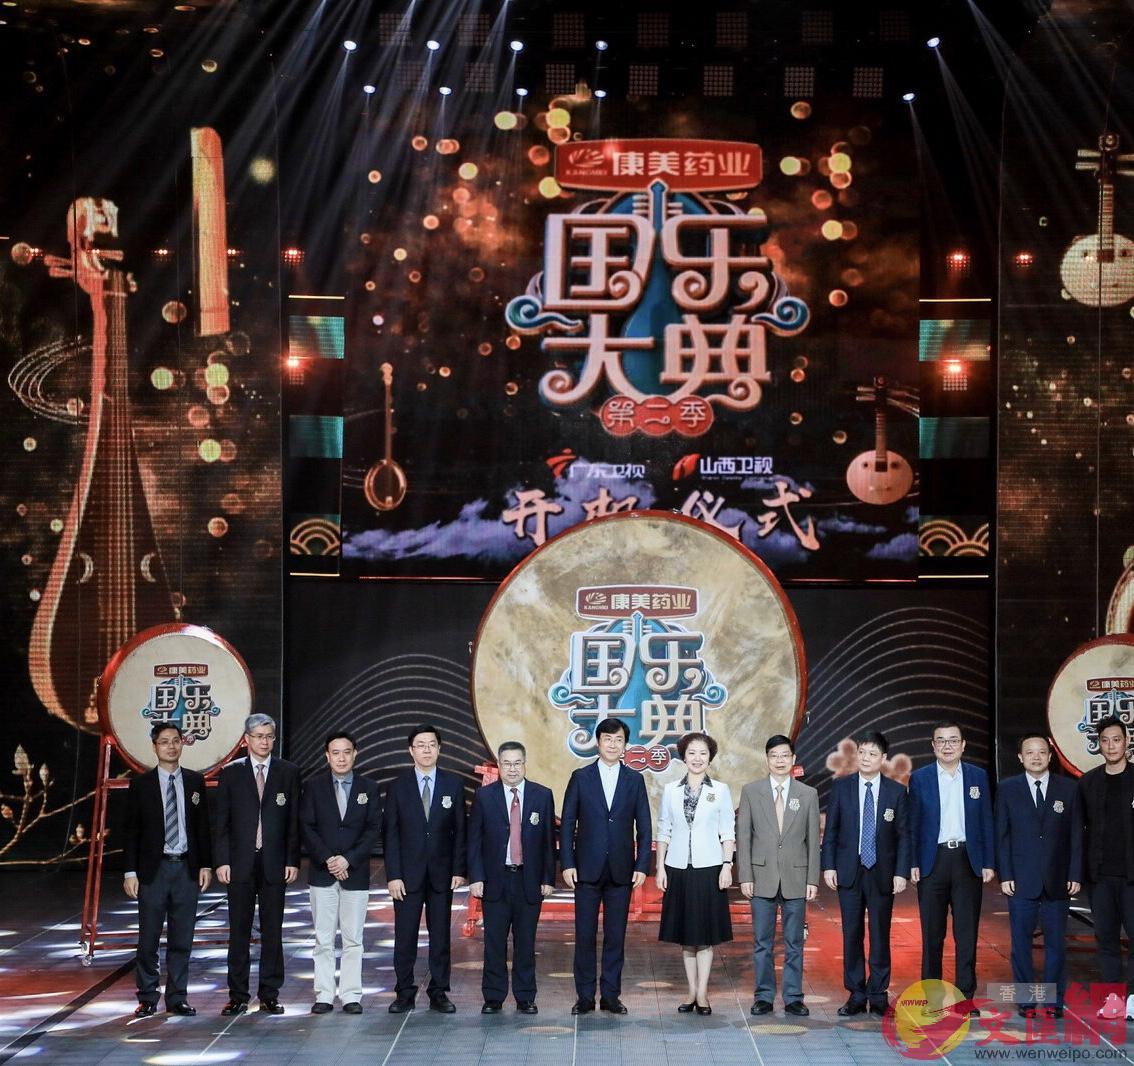 《國樂大典》第二季將於7月5日廣東衞視開播 胡若璋攝